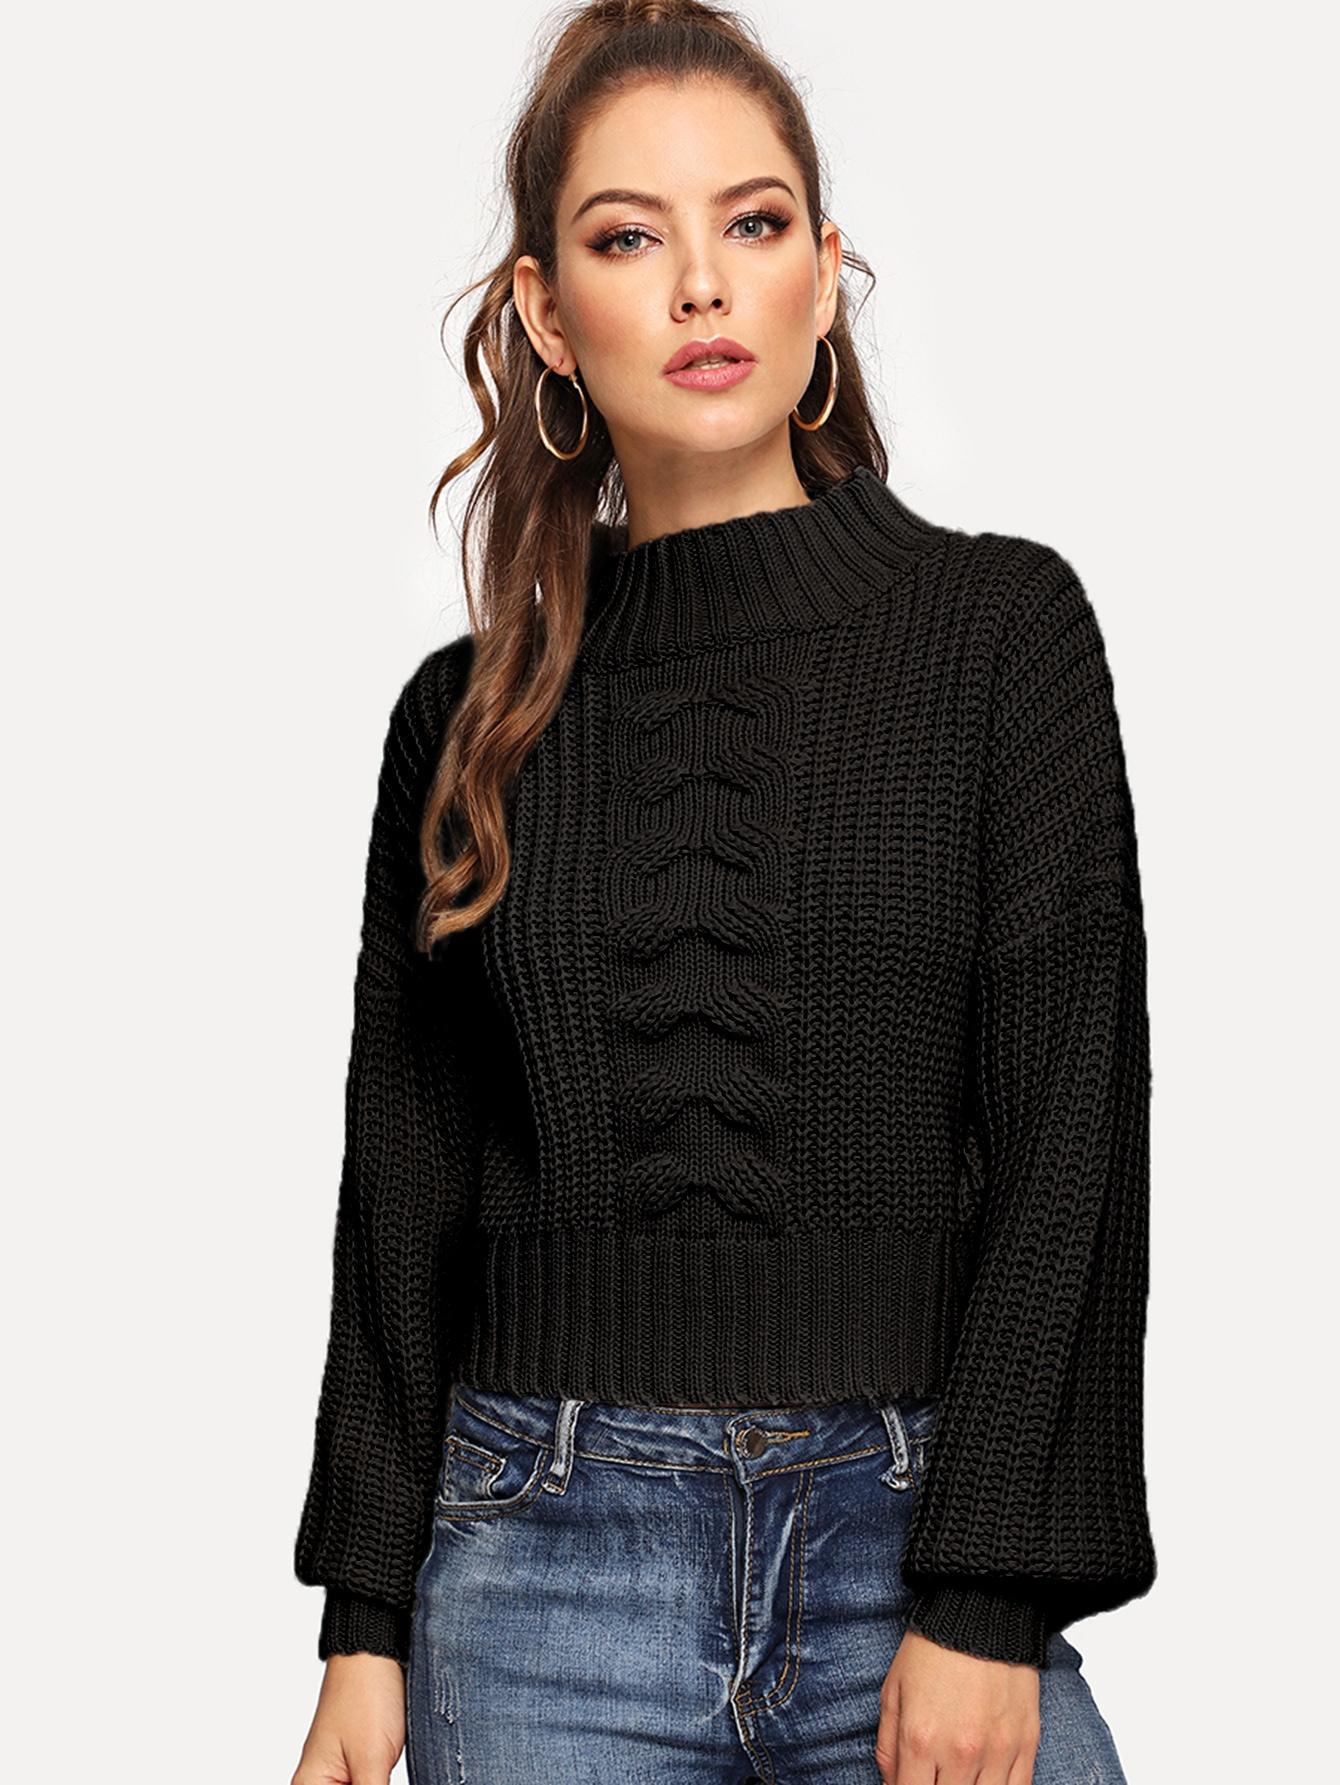 Купить Короткий свитер с заниженной линией плеч и смешанной вязкой, Debi Cruz, SheIn